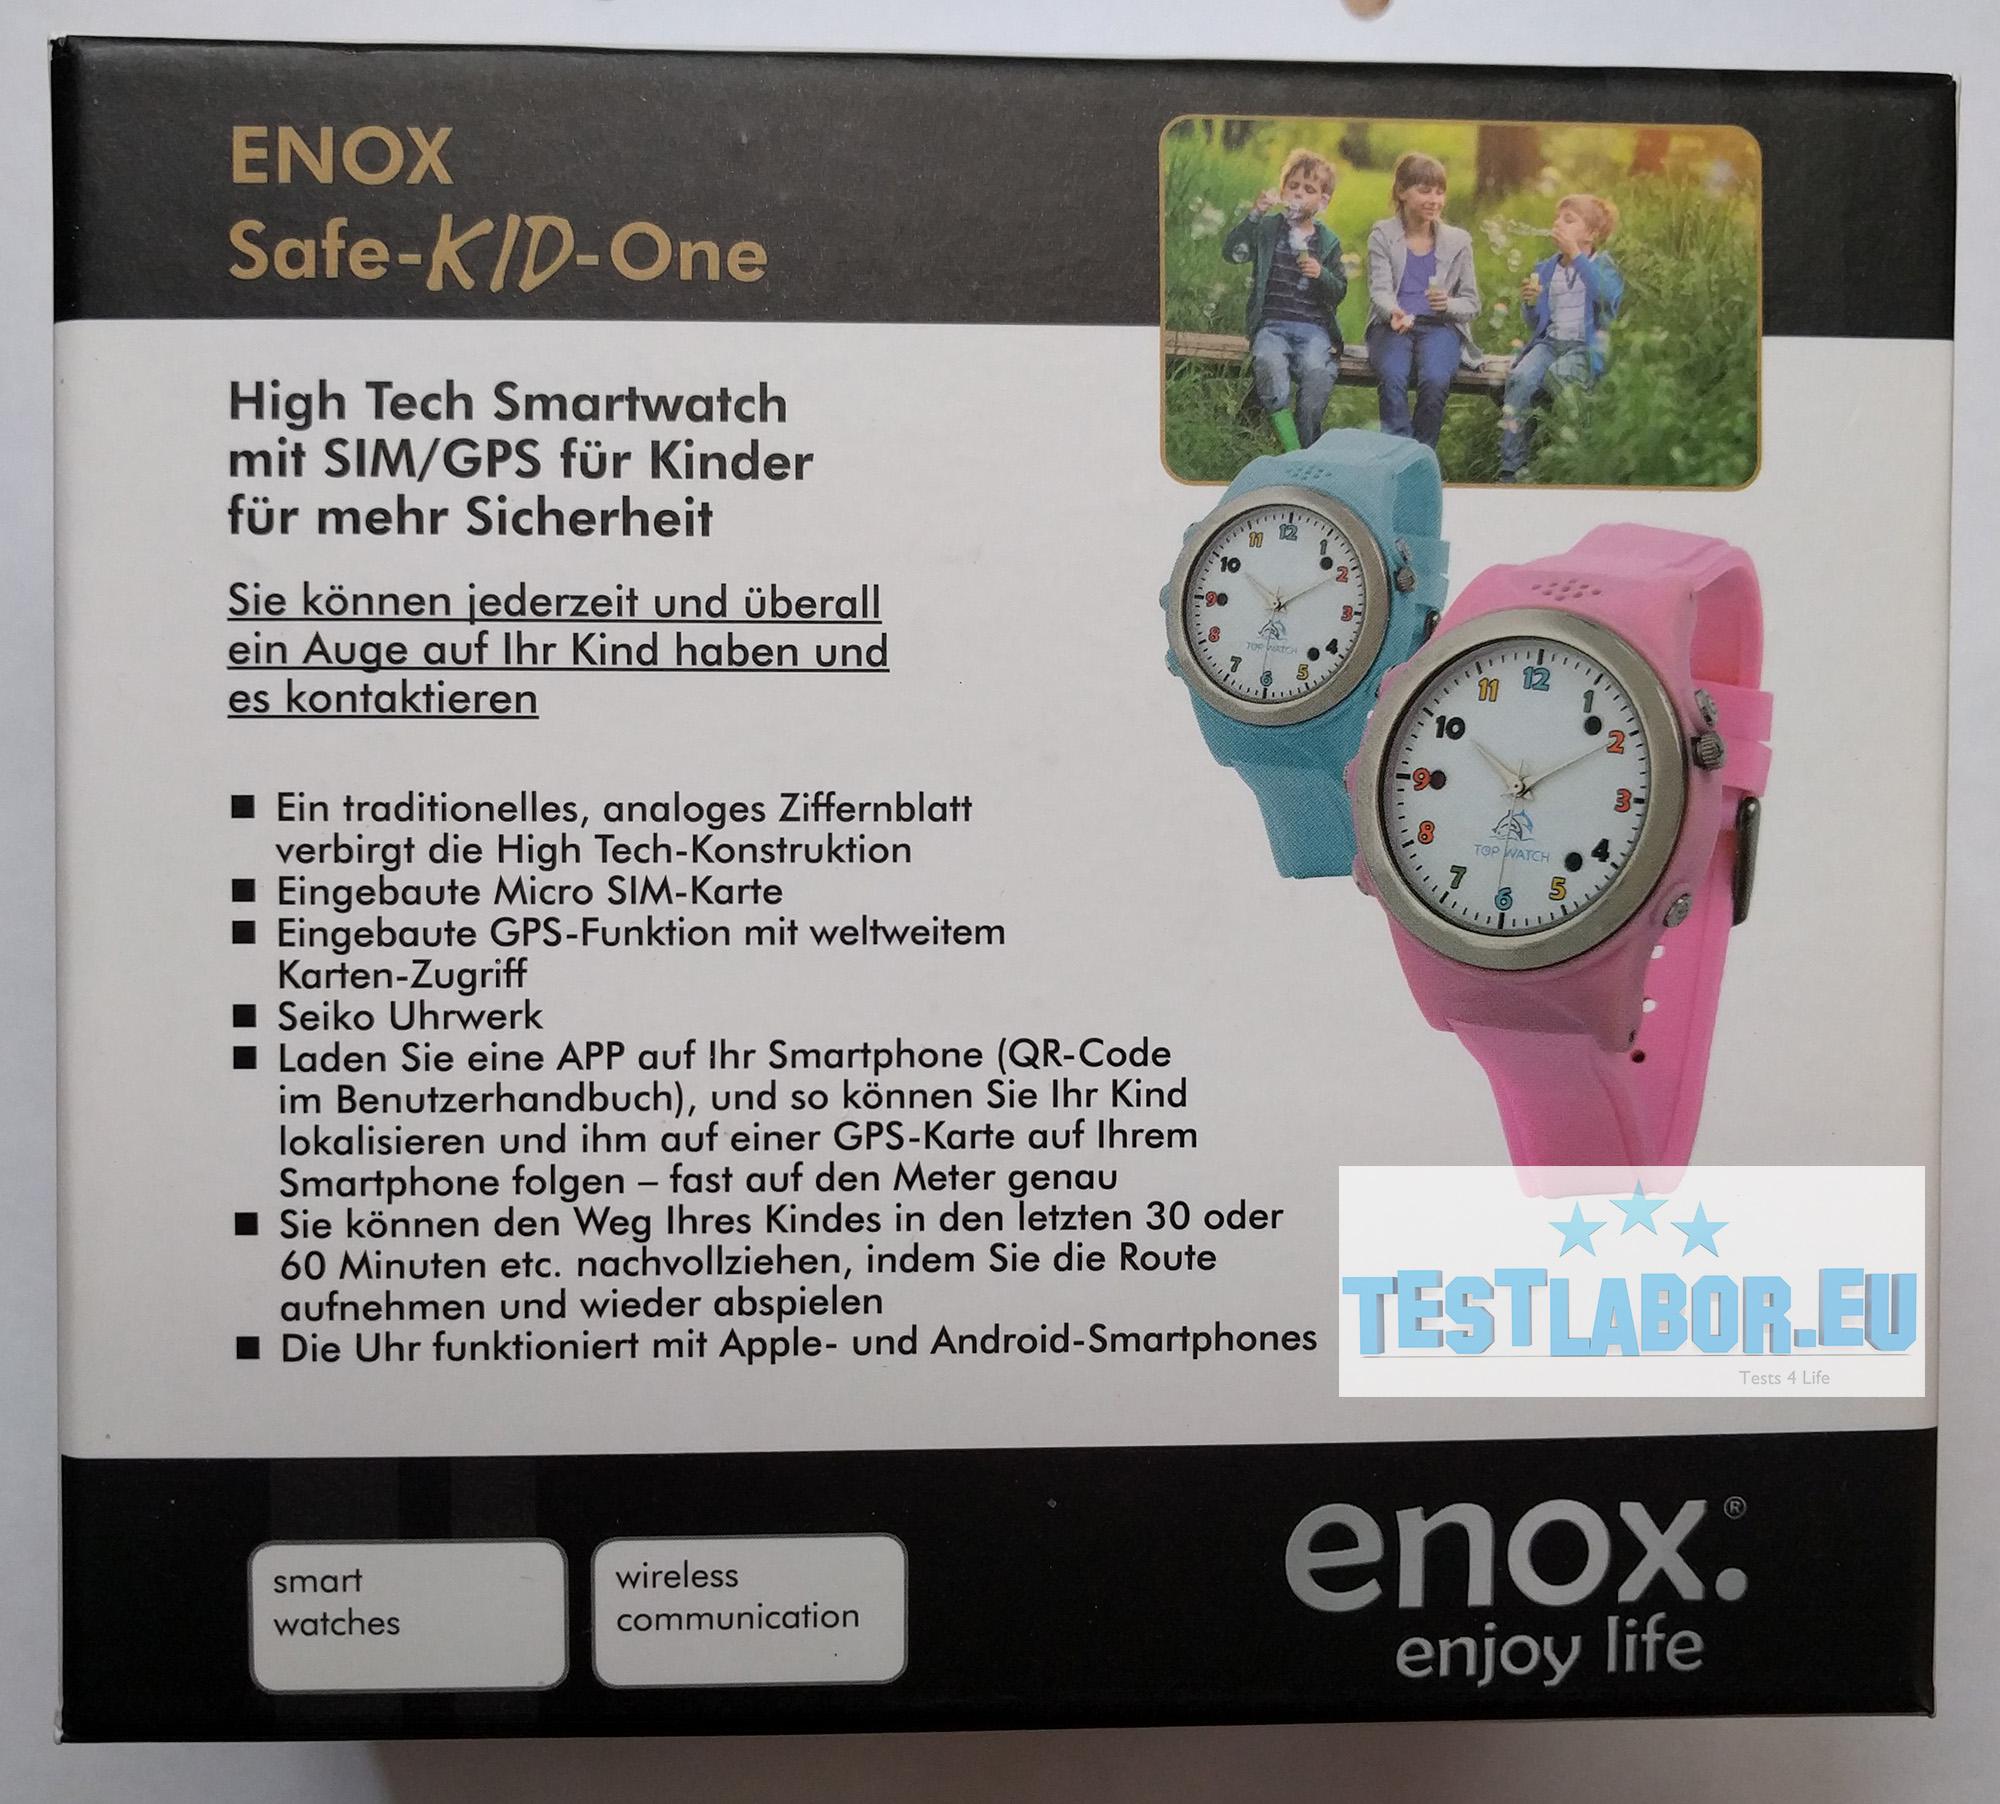 enox safe kid one kinder smartwatch. Black Bedroom Furniture Sets. Home Design Ideas